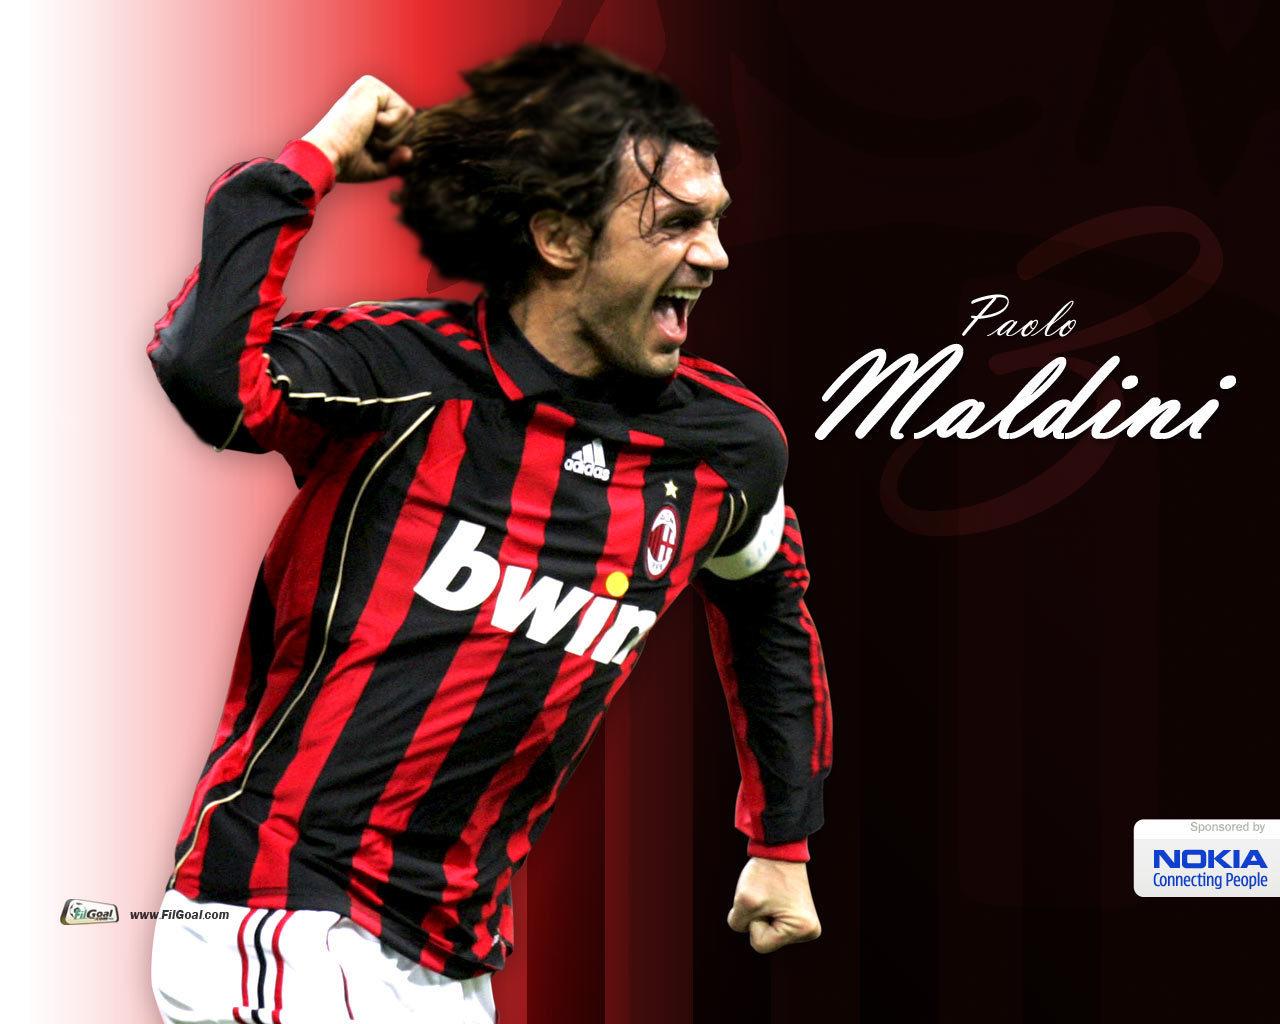 Paolo Maldini Legend   Paolo Maldini Wallpaper 1306377 1280x1024